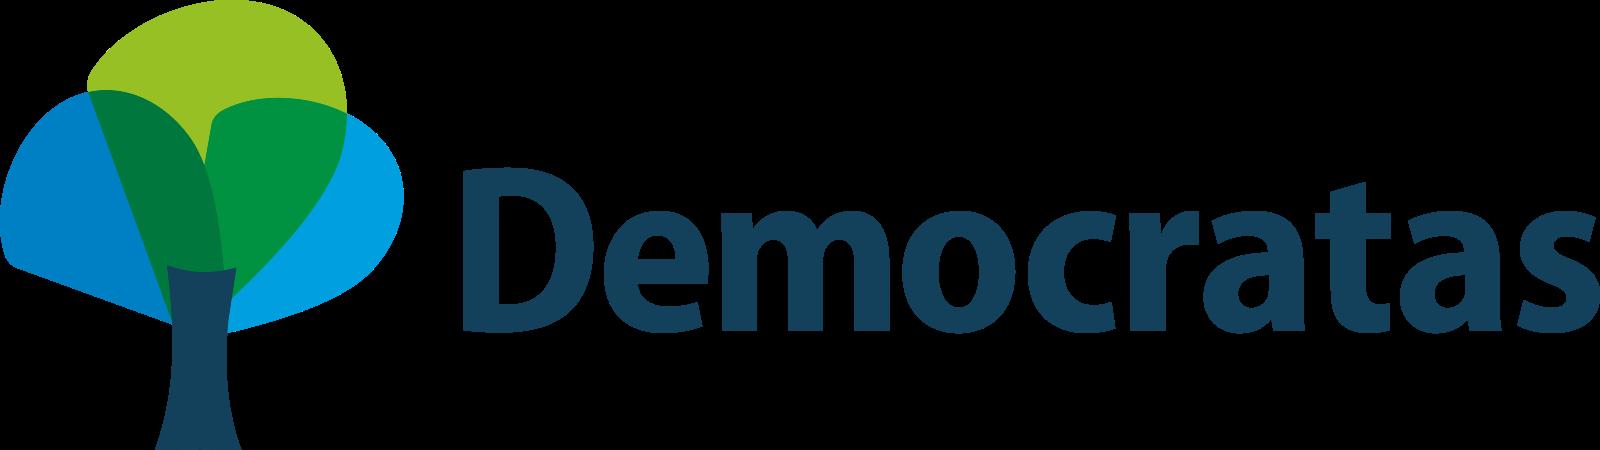 partido democratas dem logo 5 - DEM Logo - Partido Democratas Logo